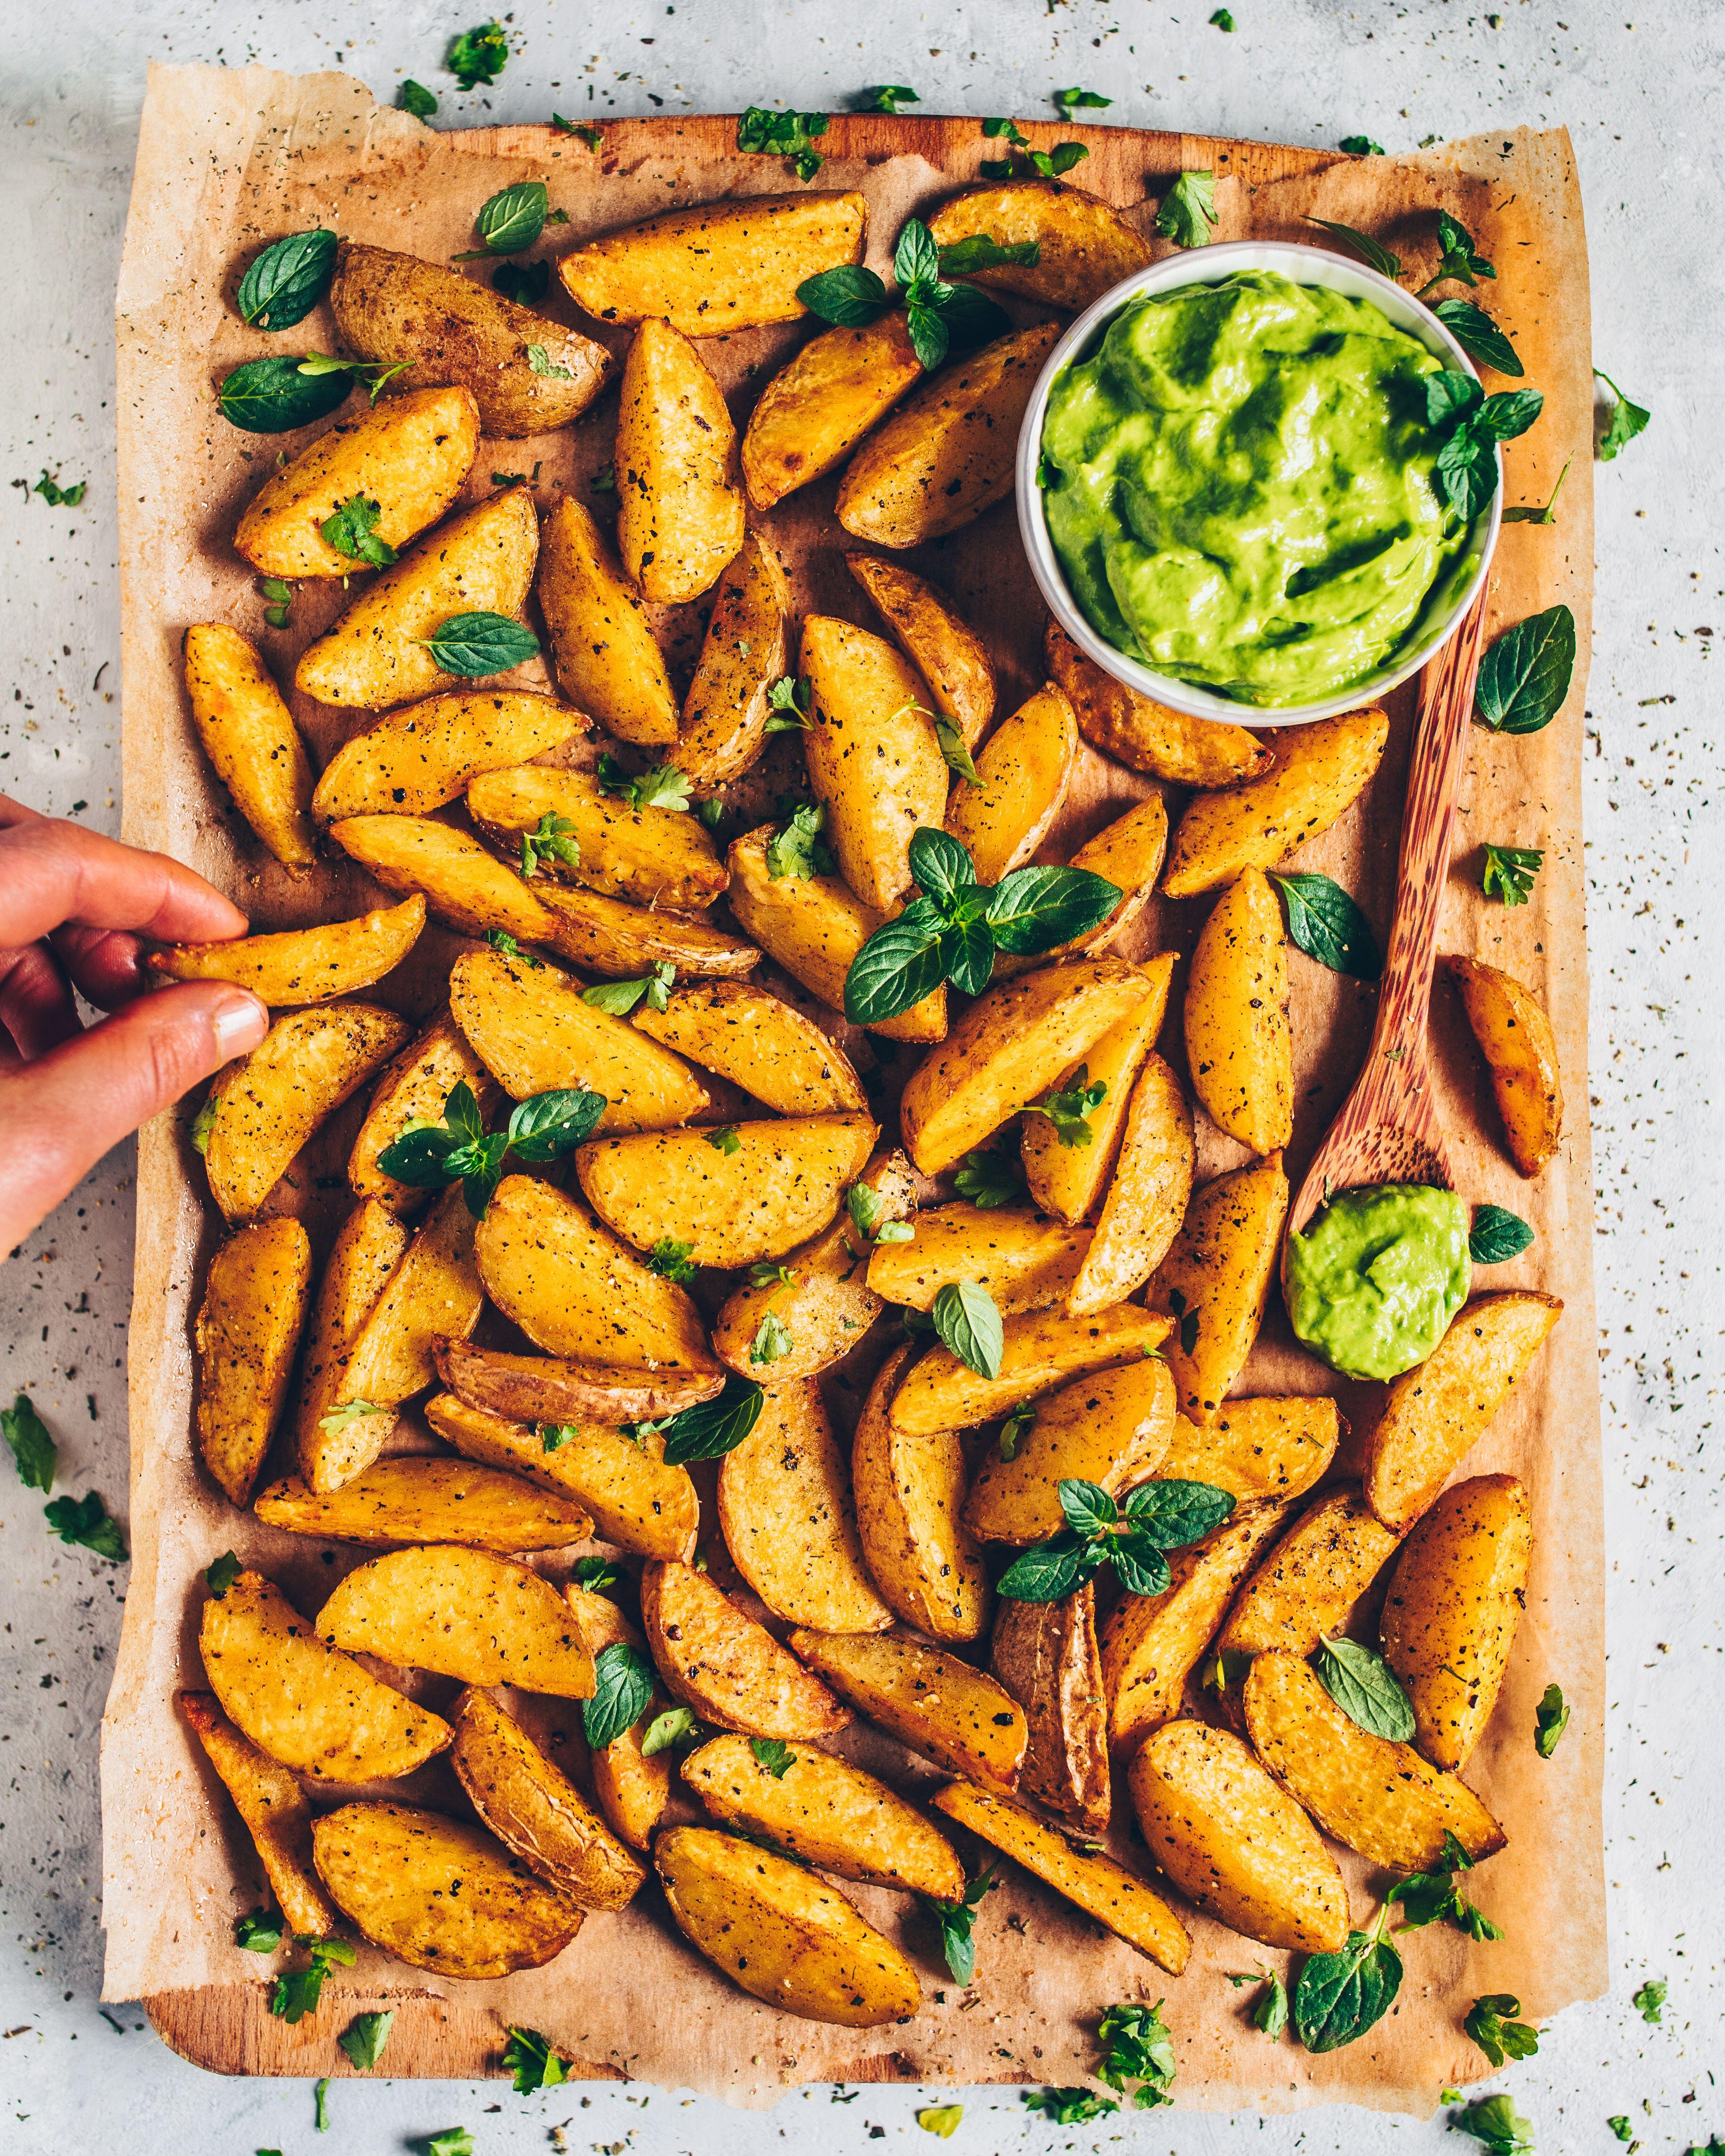 Knusprige Kartoffelecken (Potato Wedges)